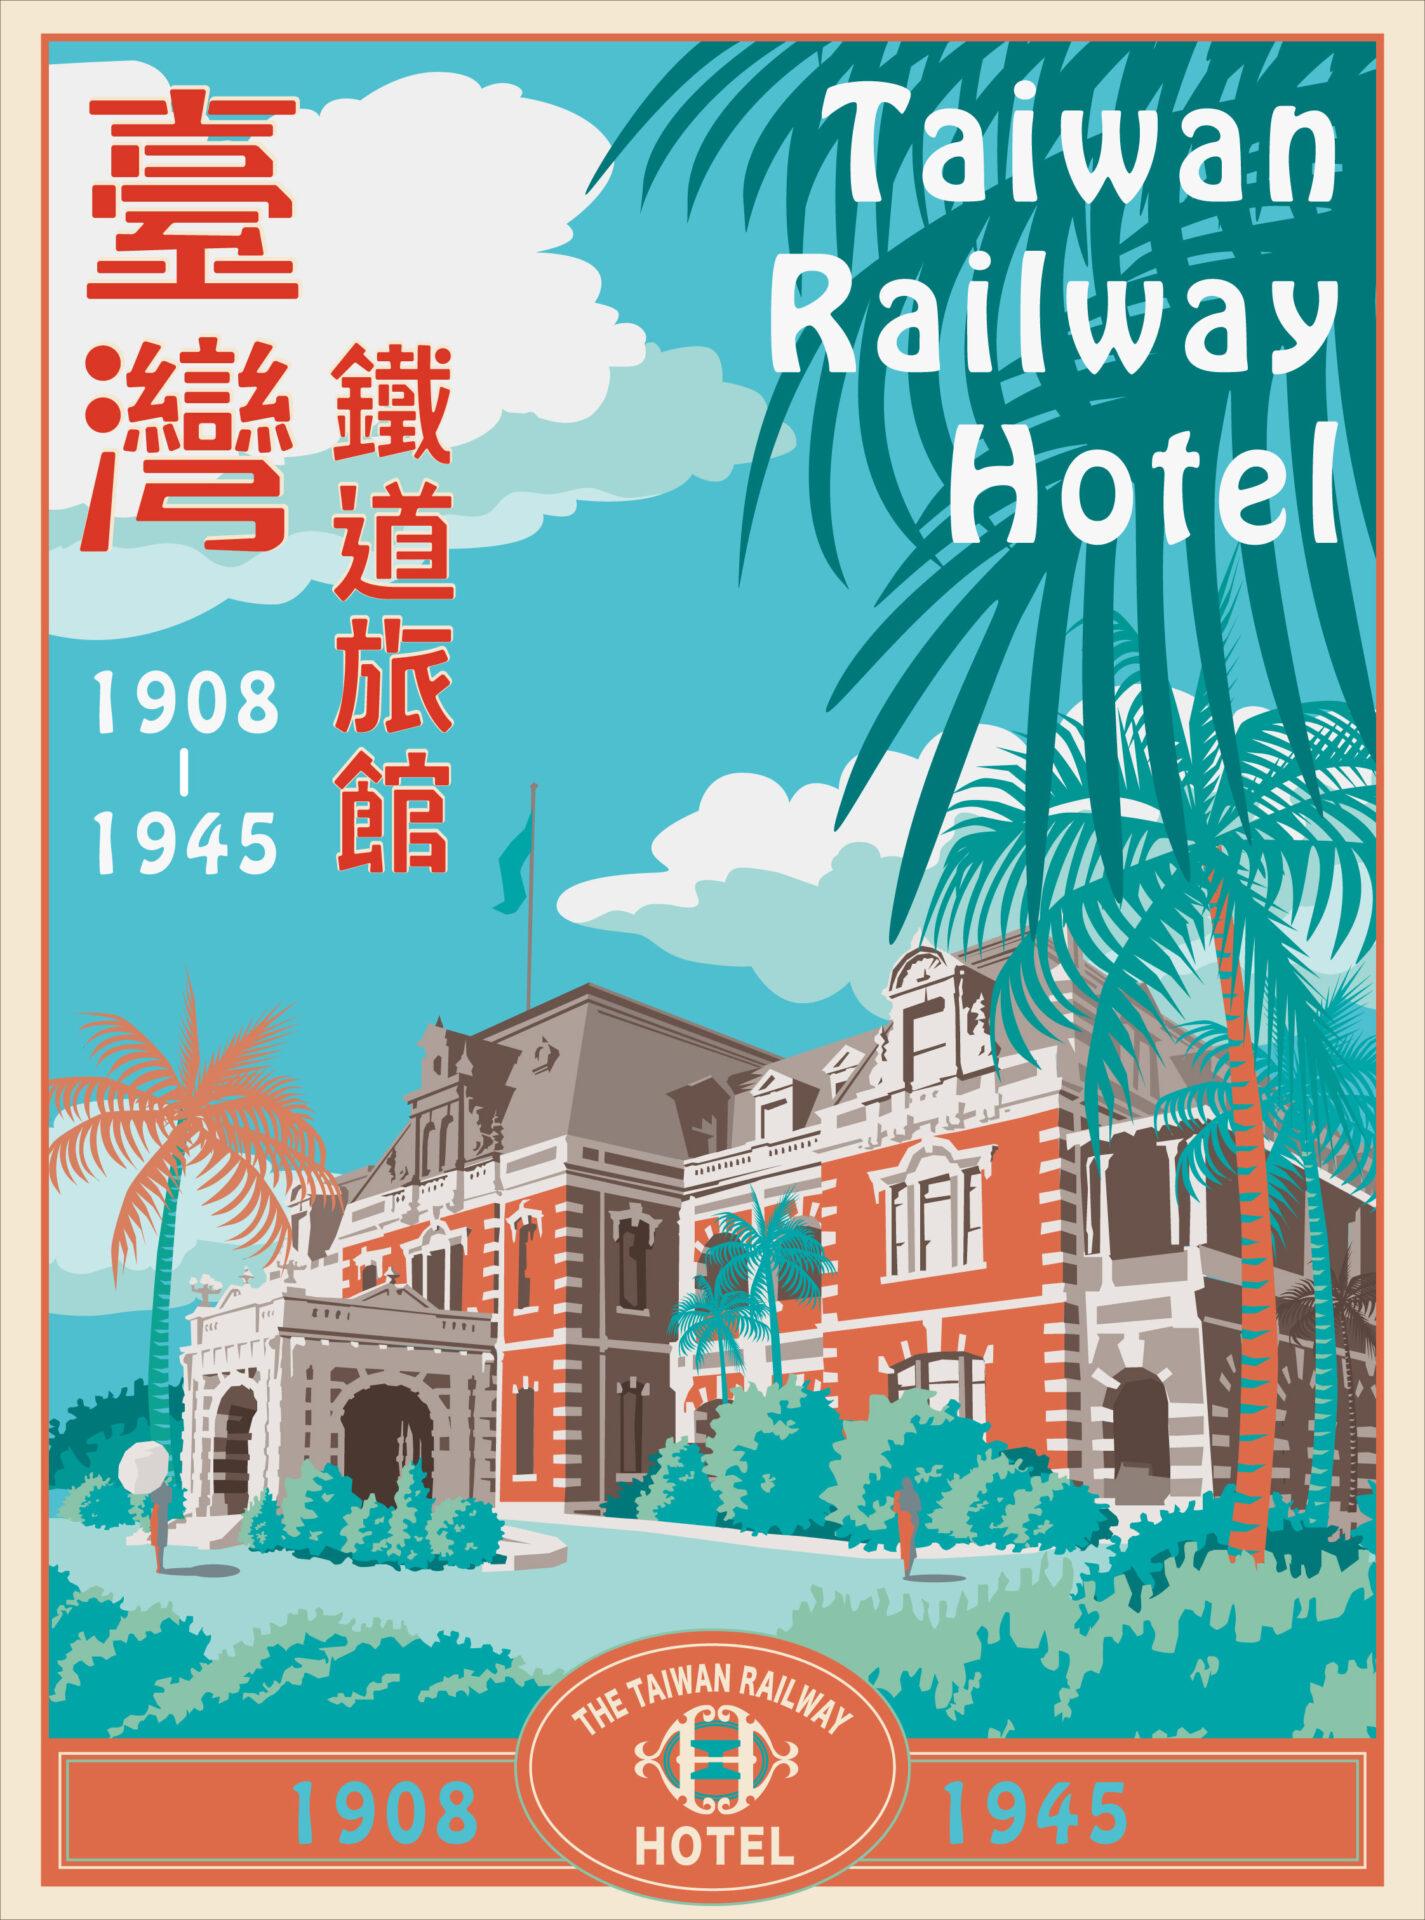 國立臺灣博物館:2020/7/7-2021/4/30【臺灣鐵道旅館(1908-1945)特展】